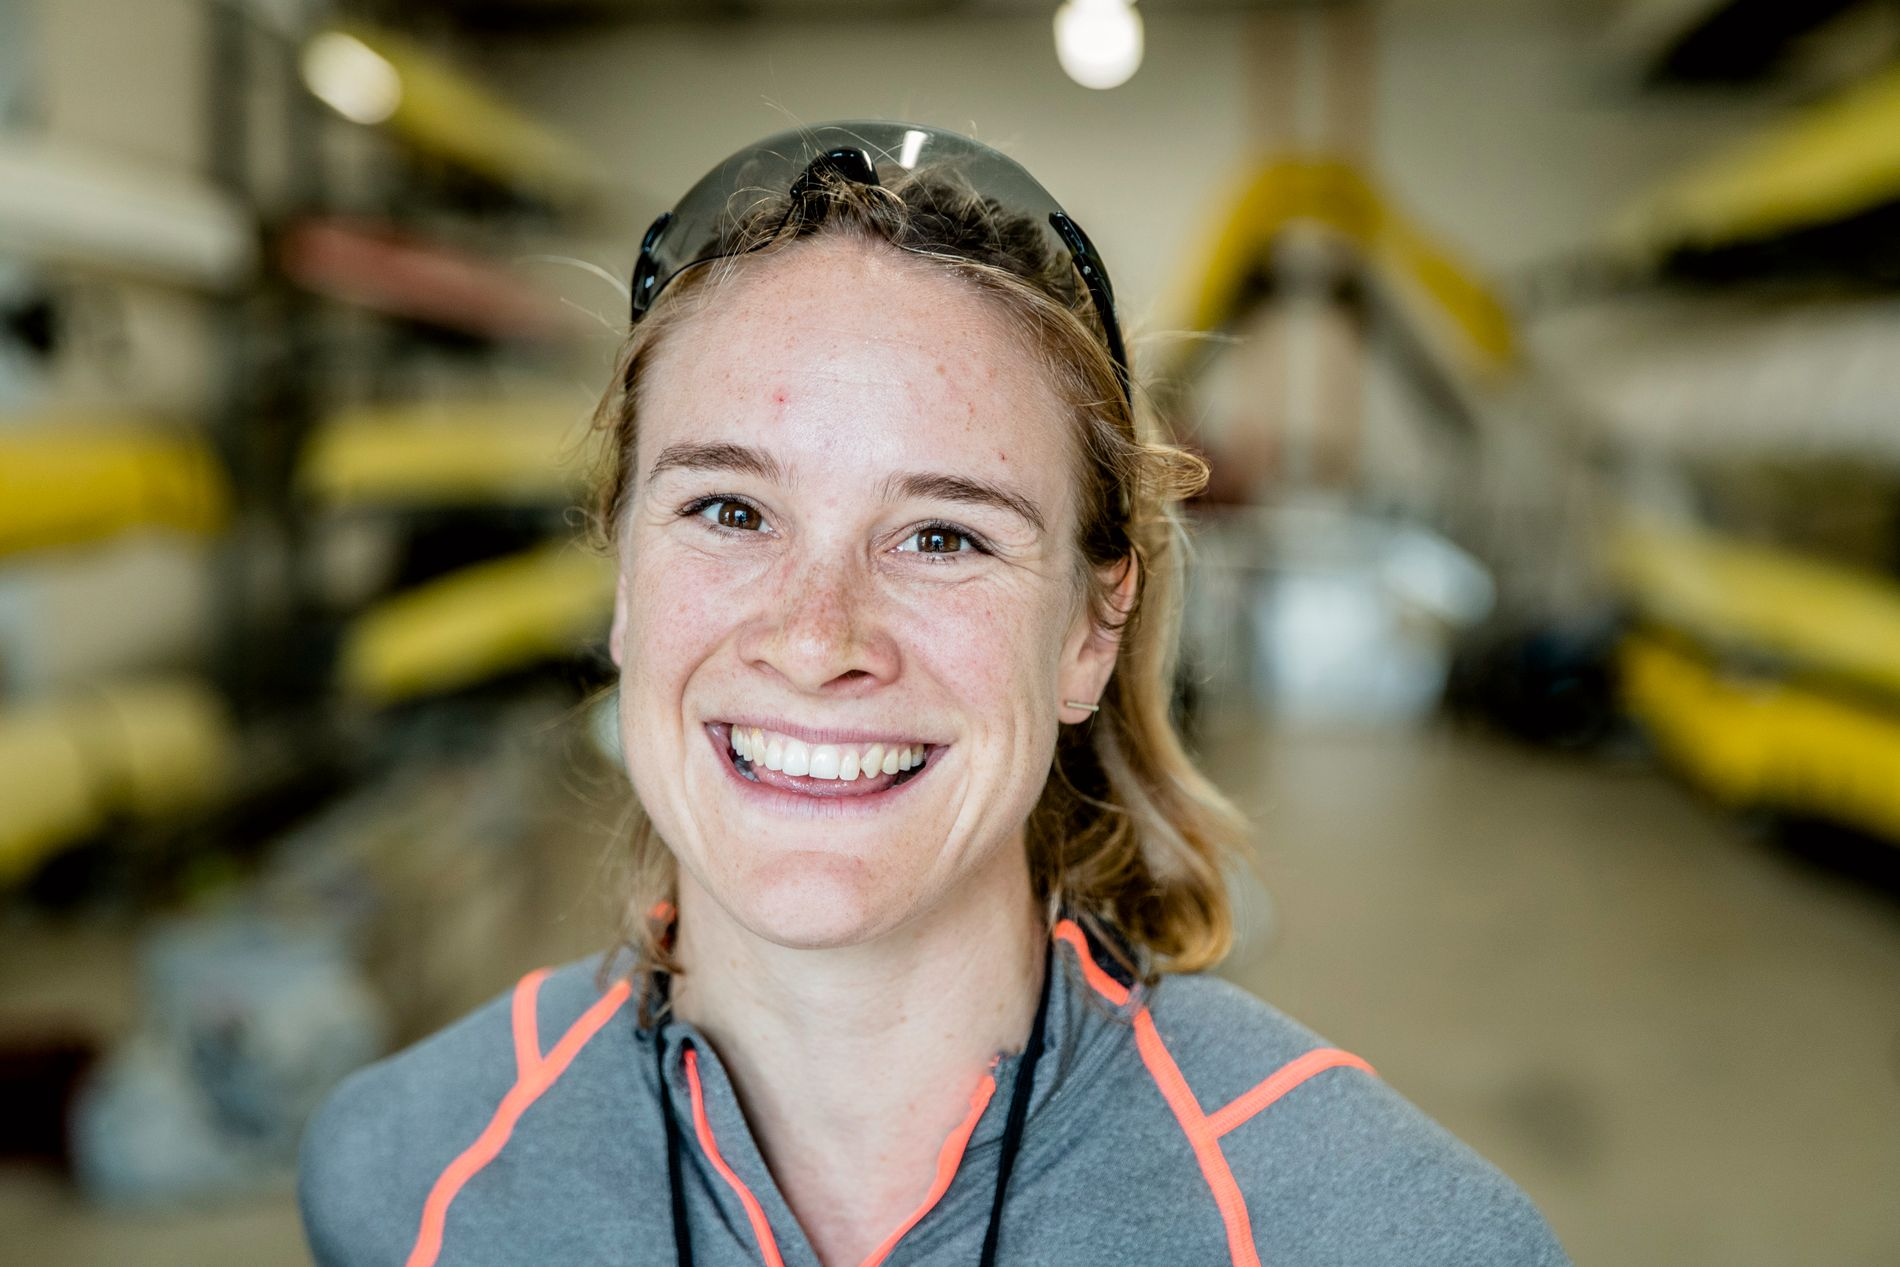 GLEDE: Birgit Skarstein mener at man bør til å glede seg over på at man har en frisk, funksjonell kropp, fremfor å bekymre seg for hvordan den ser ut.